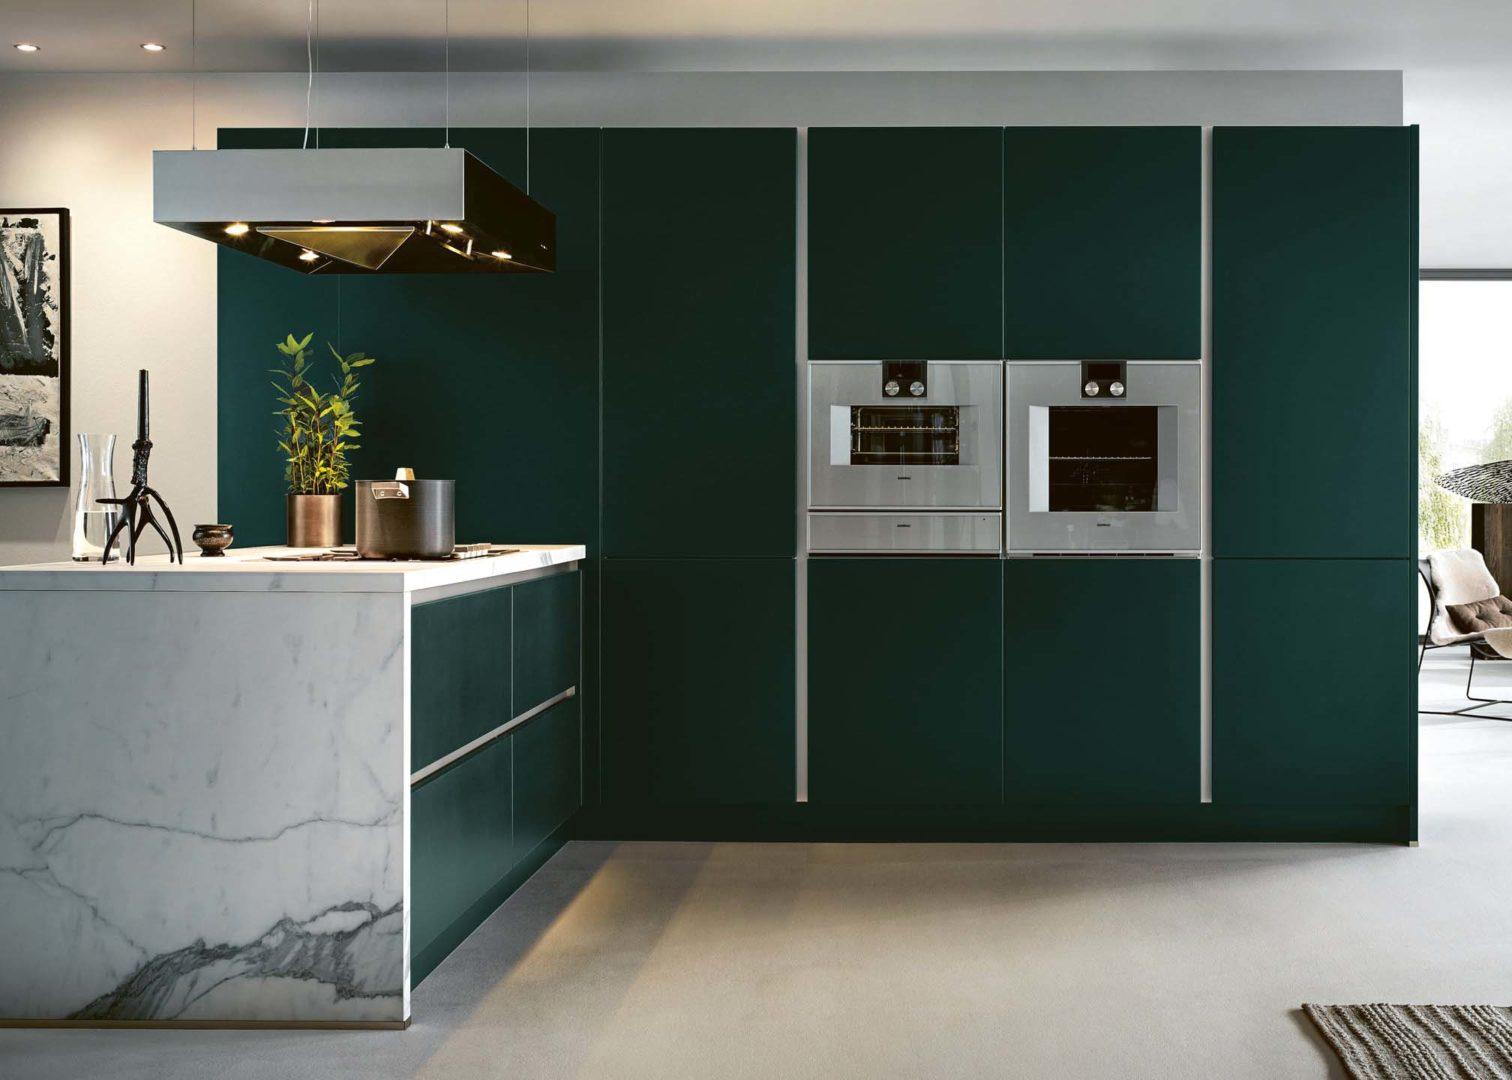 next125 küche mit kochinsel in marmor und dunkelgrün